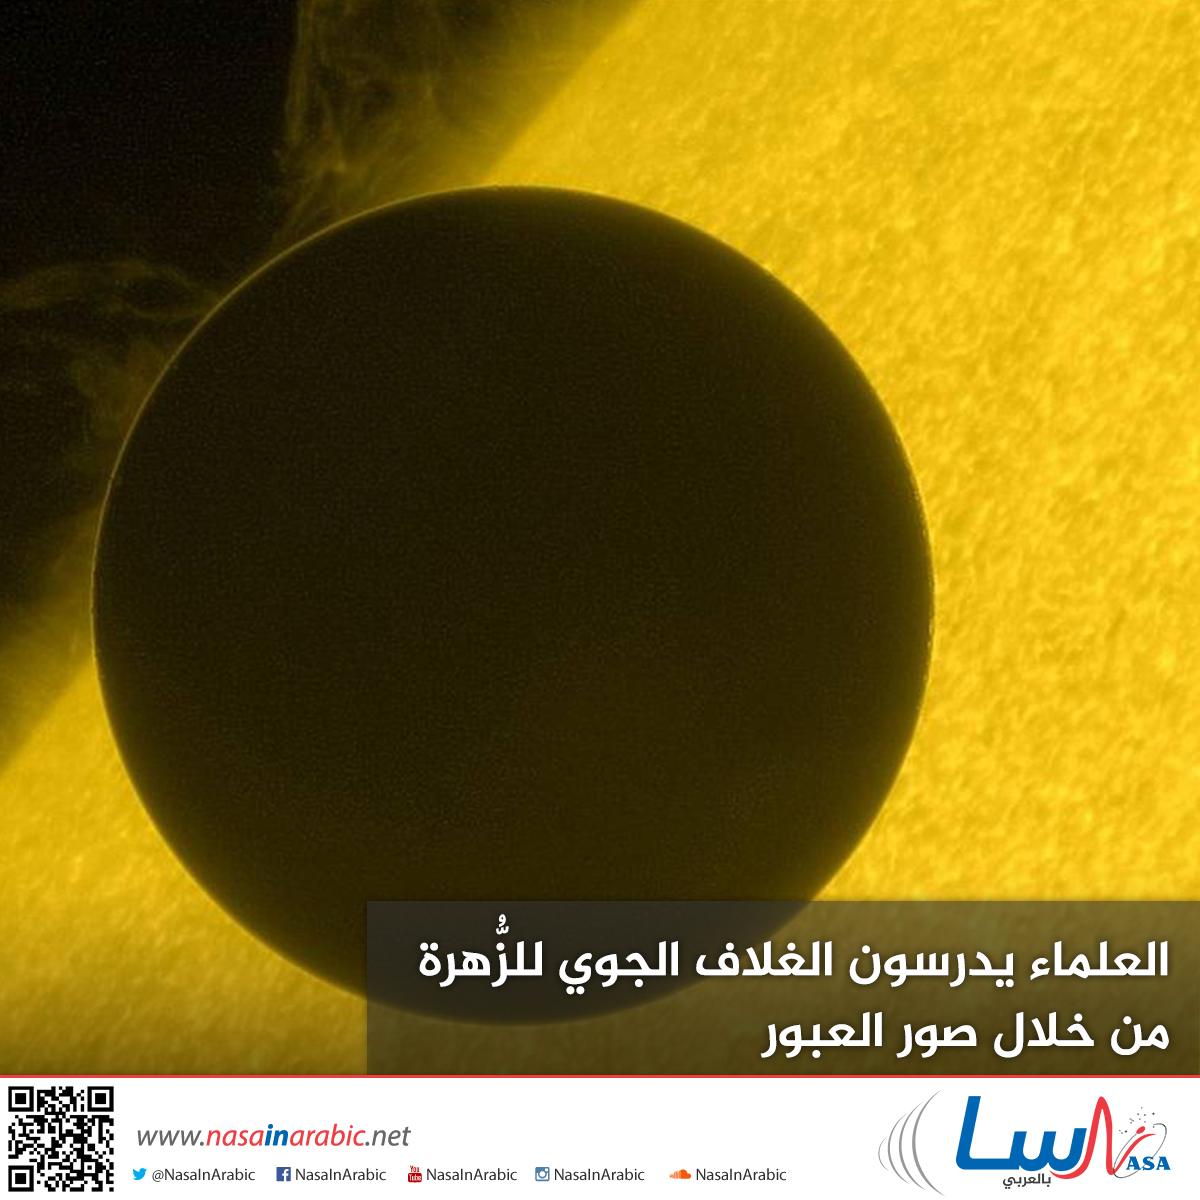 العلماء يدرسون الغلاف الجوي للزُّهرة من خلال صور العبور